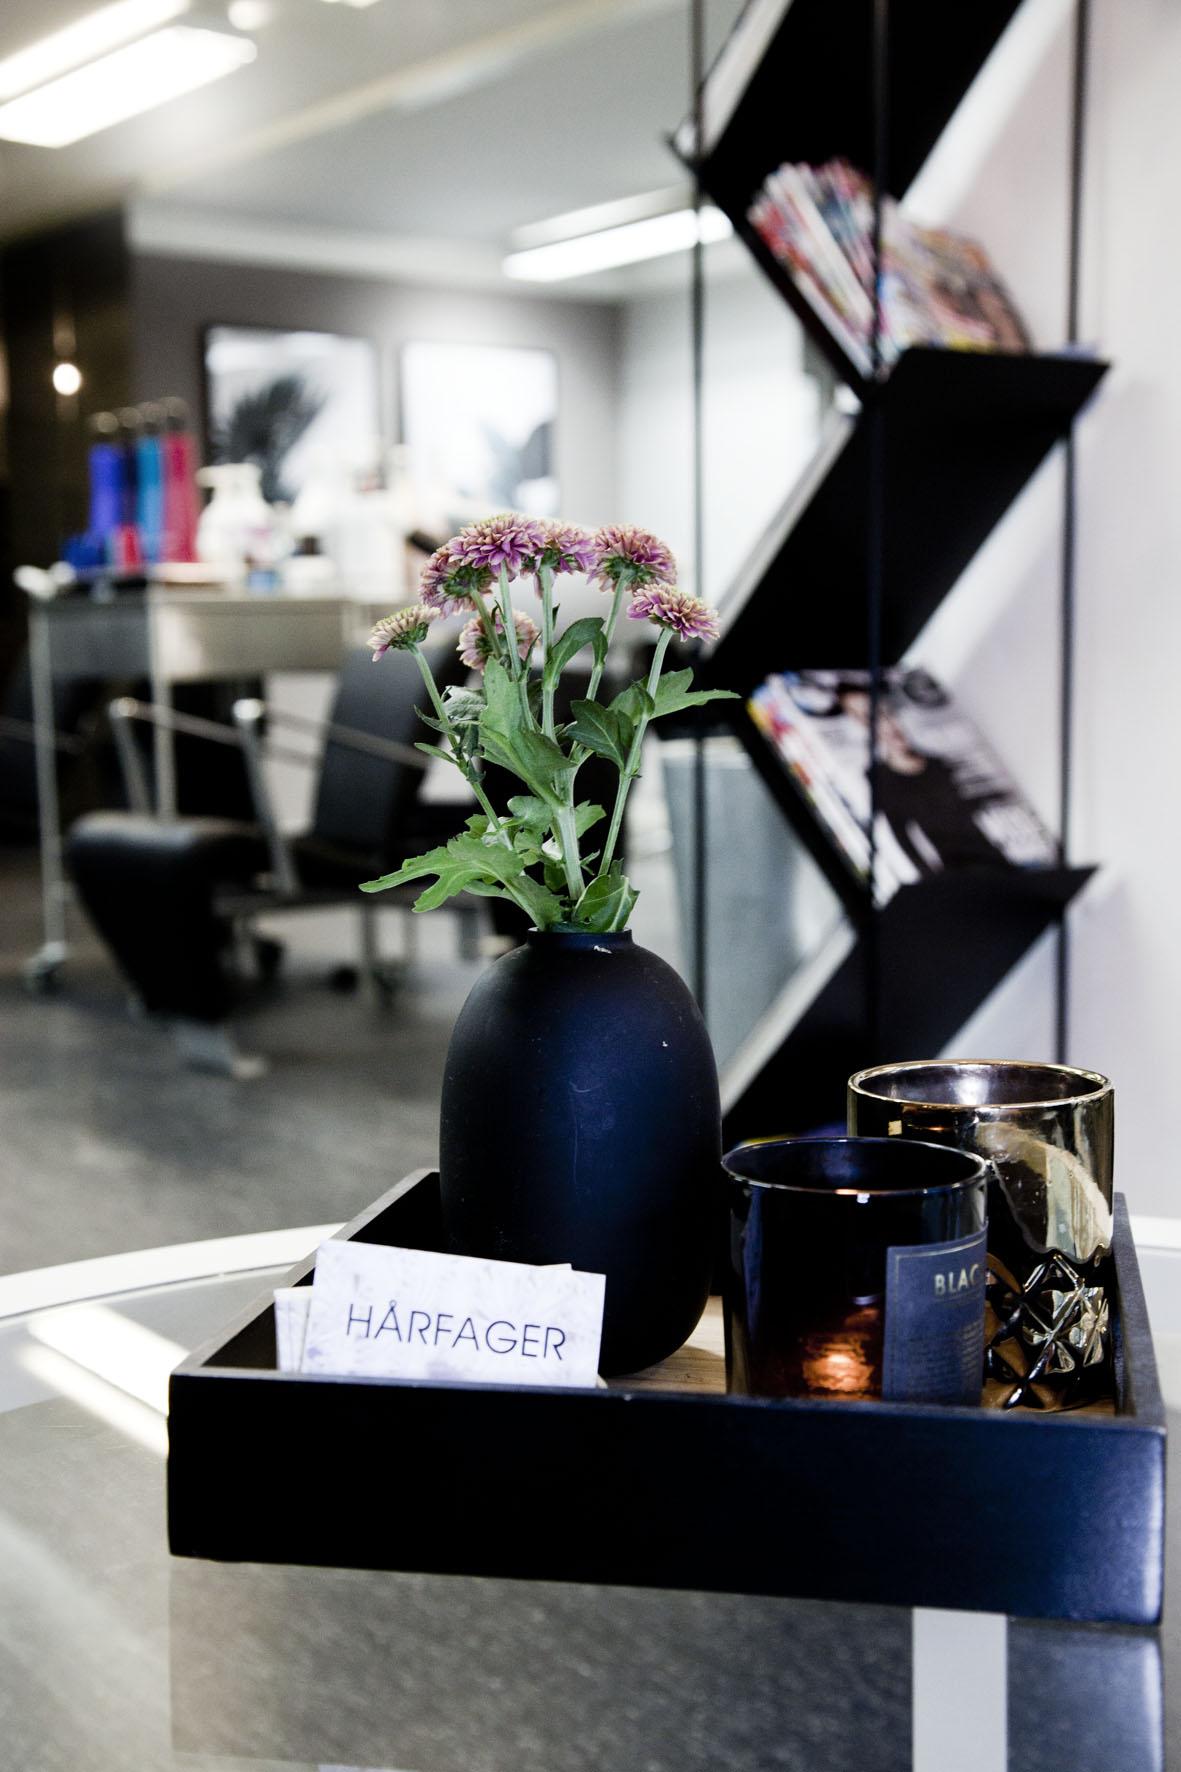 salong hårfager uppsala